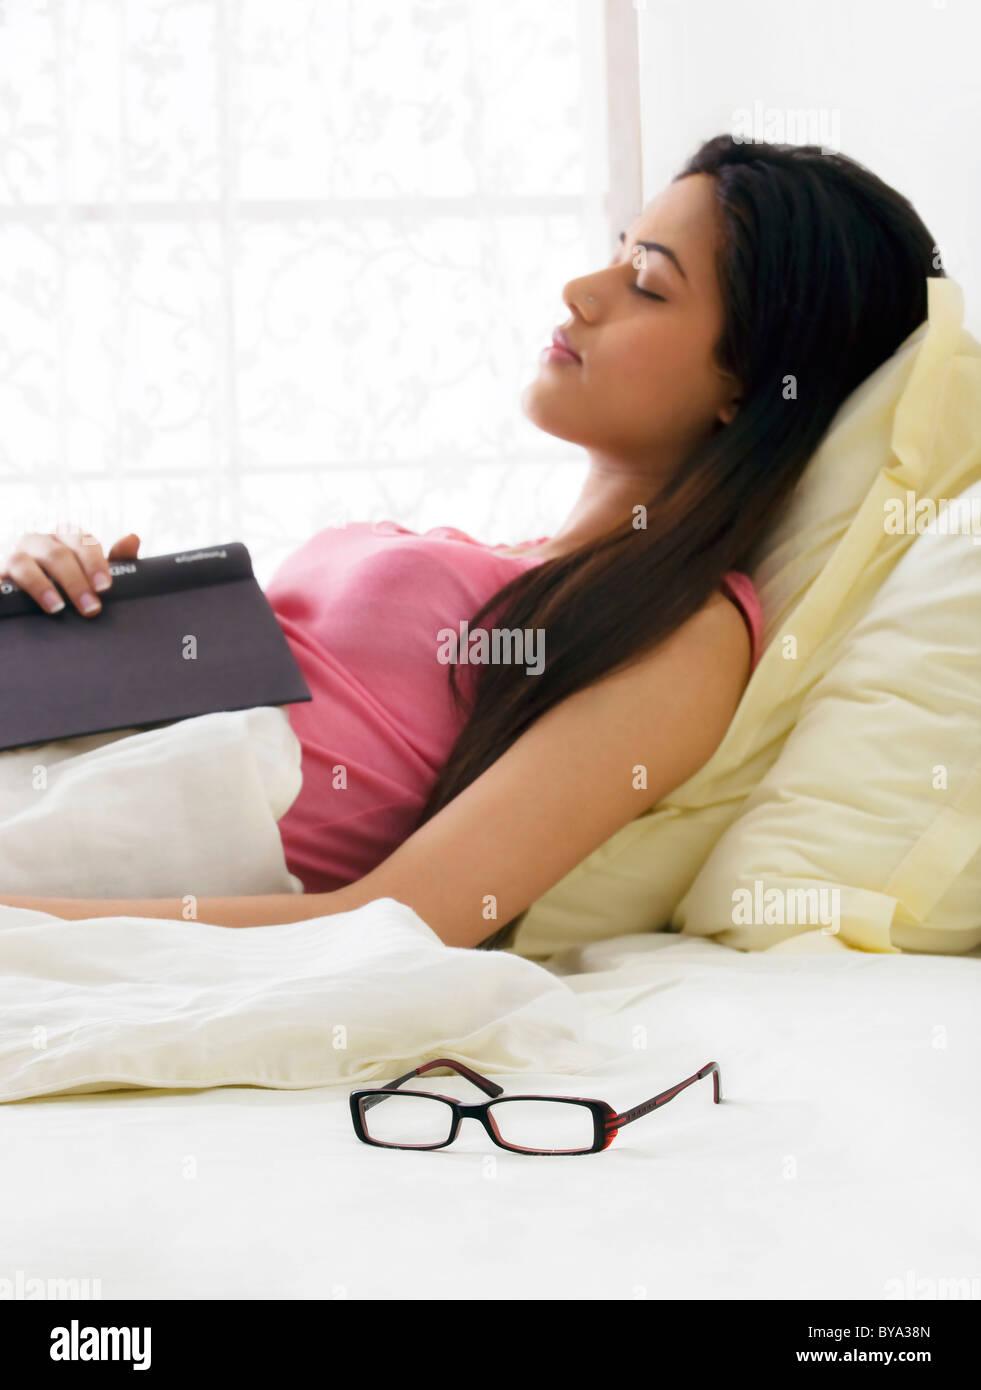 Chica tomando una siesta en la cama Imagen De Stock